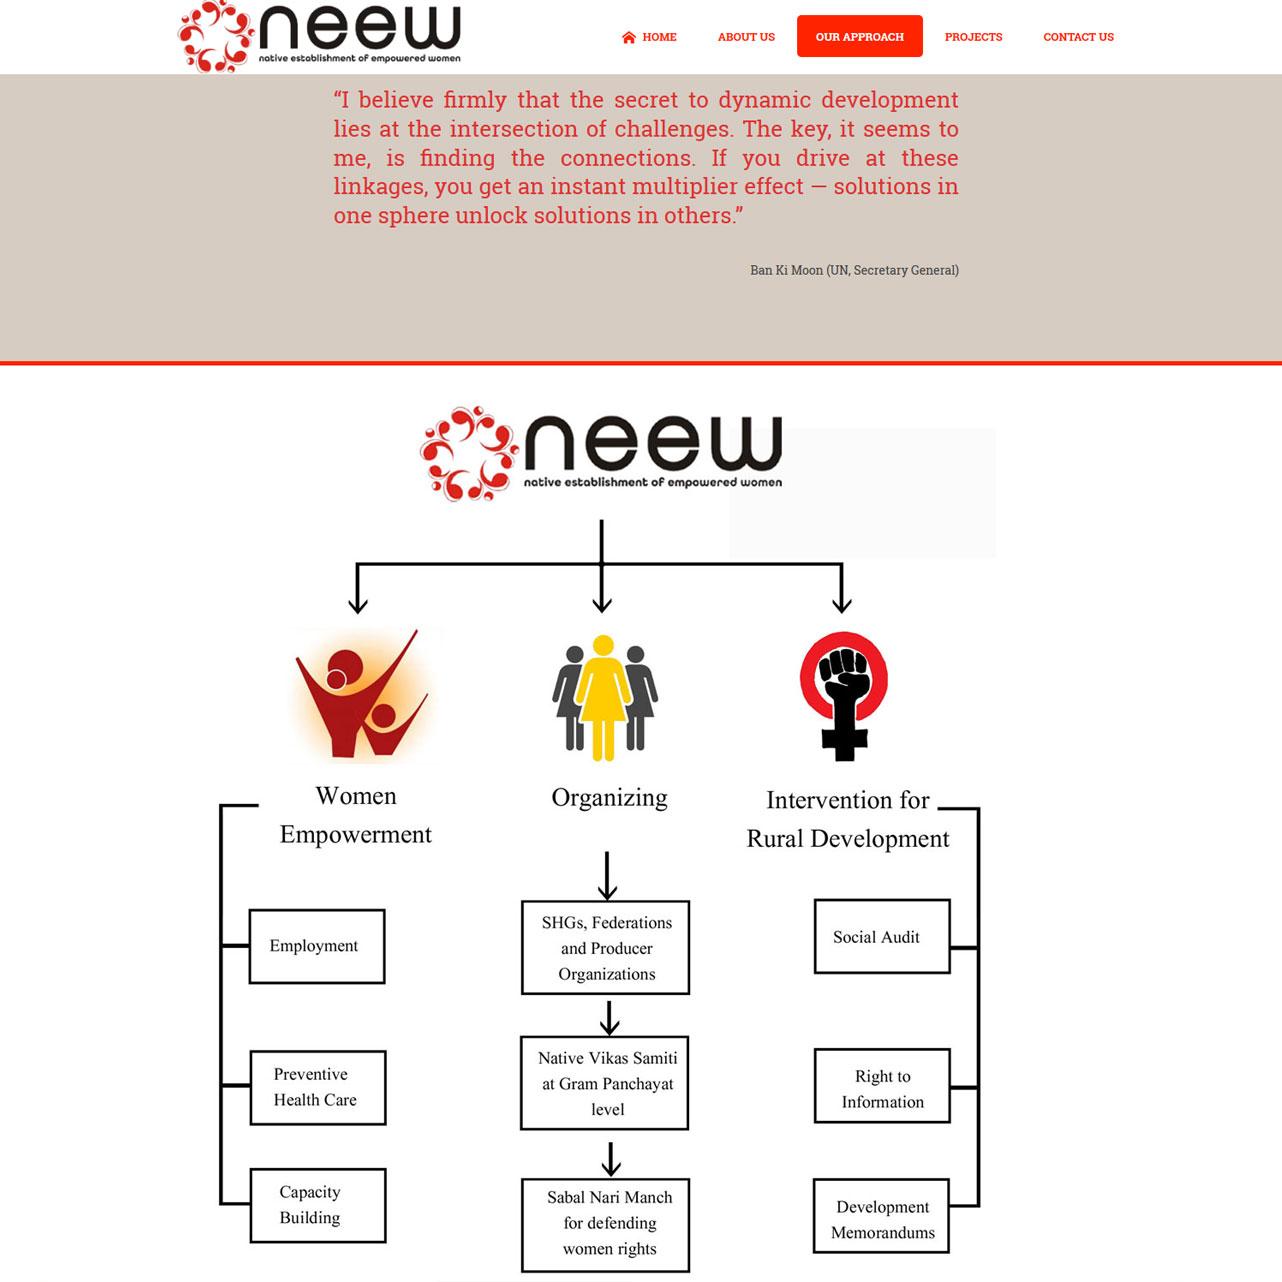 neew-left